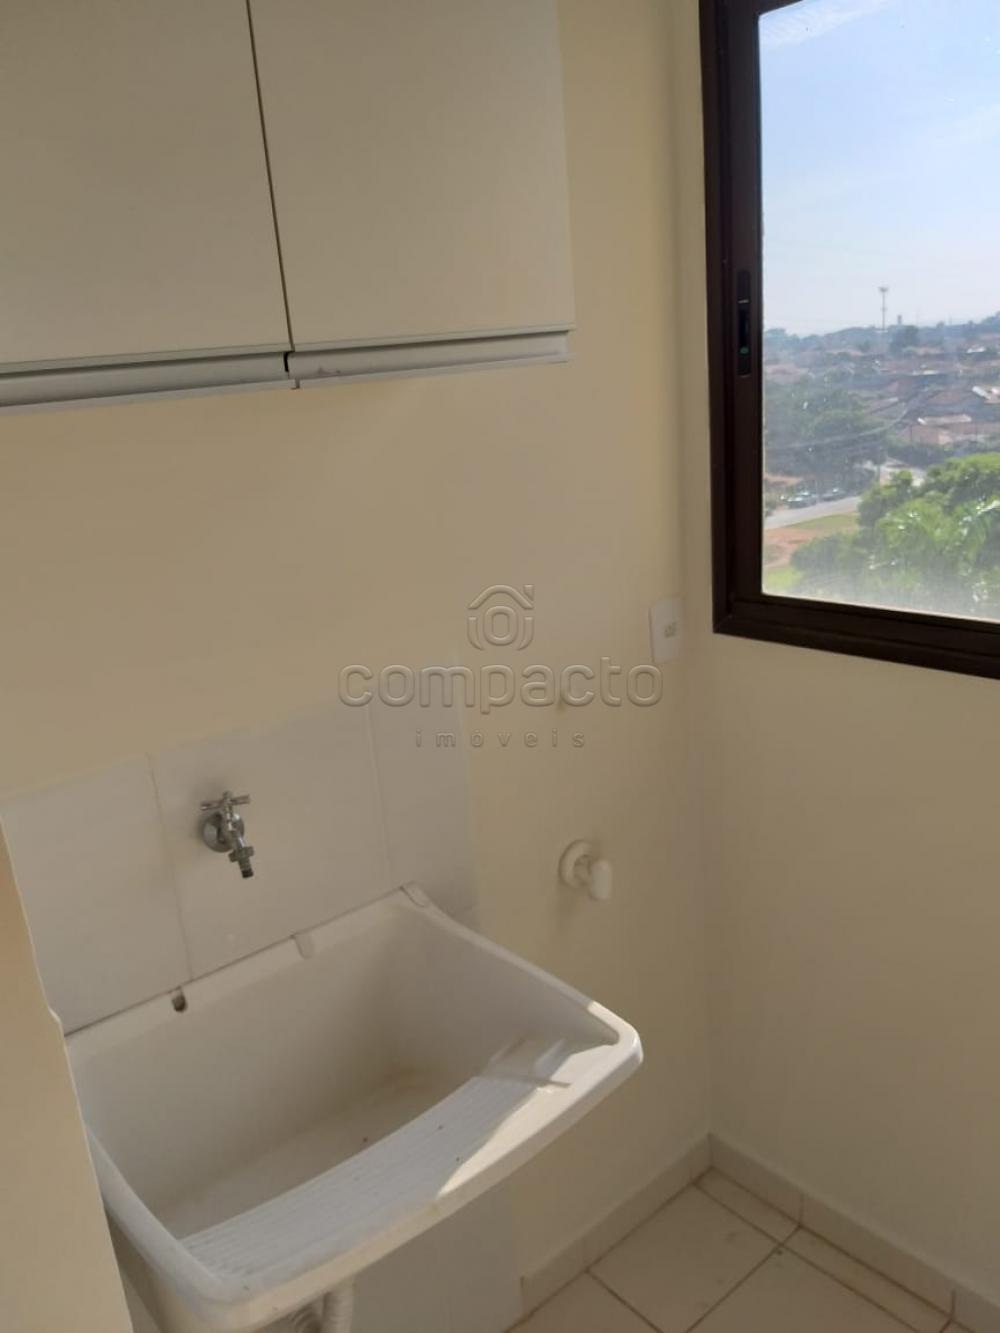 Comprar Apartamento / Padrão em São José do Rio Preto apenas R$ 250.000,00 - Foto 8